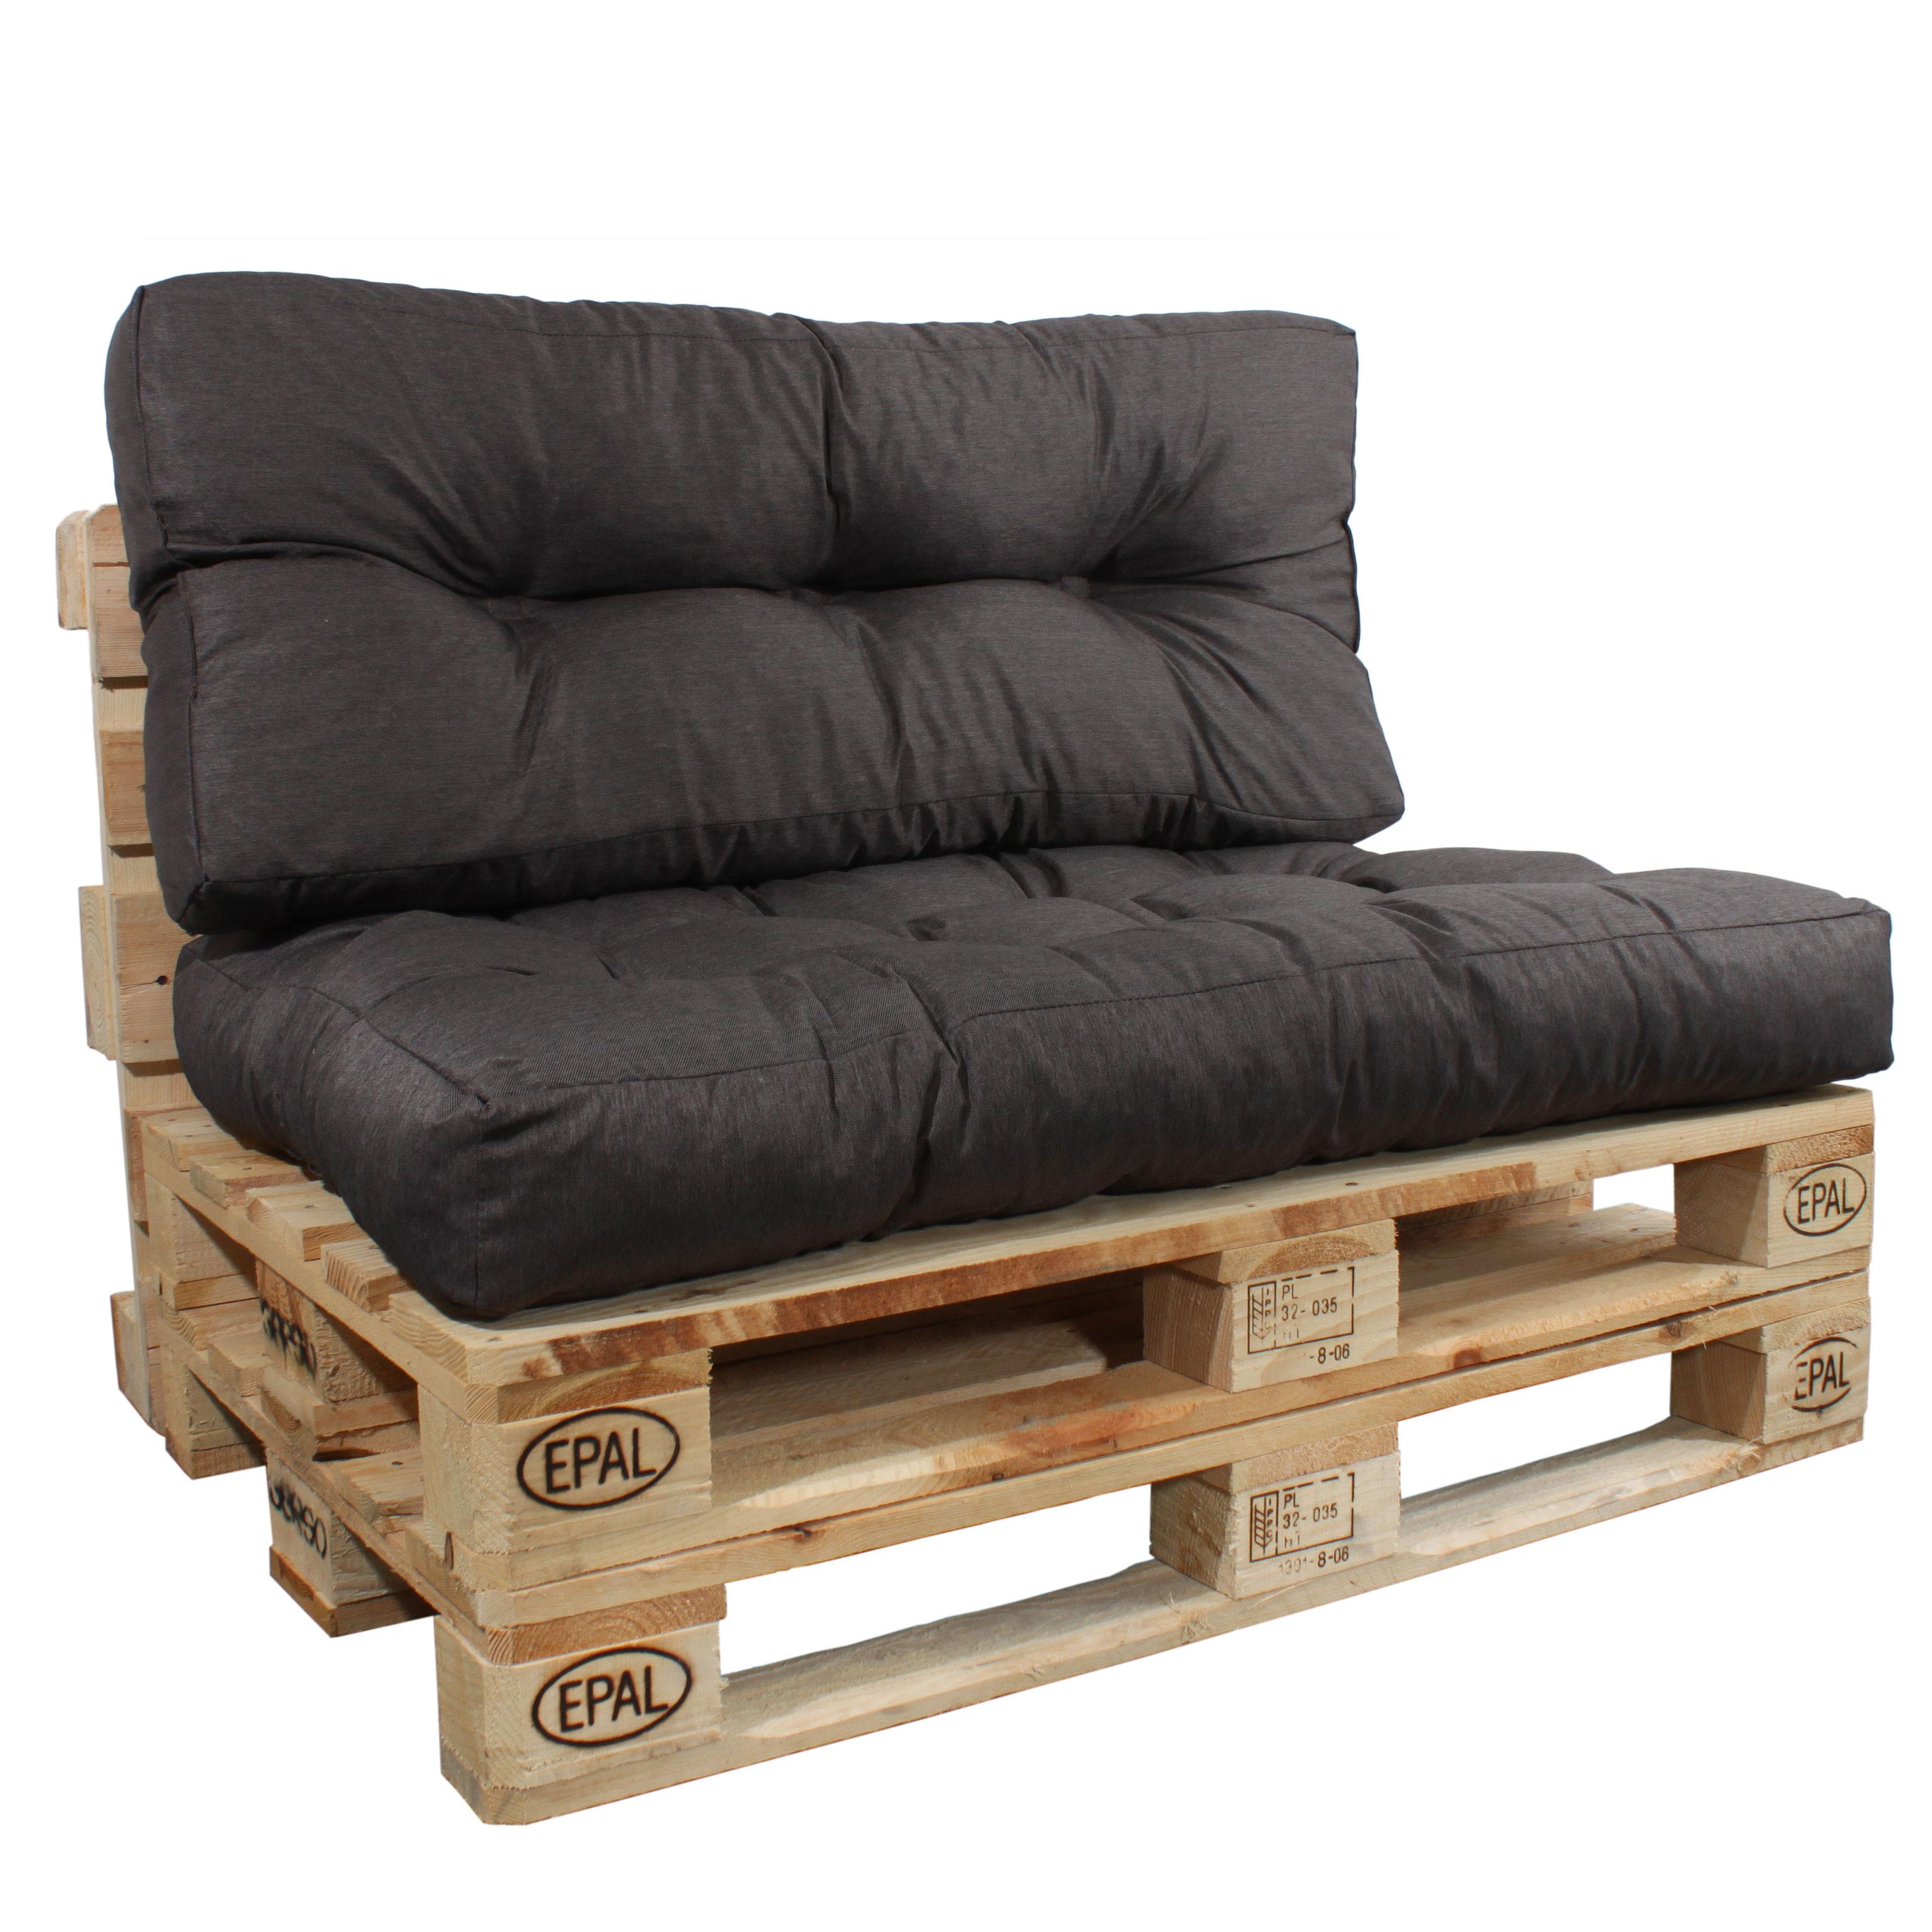 Rückenlehne und Sitzkissen in braun für Paletten